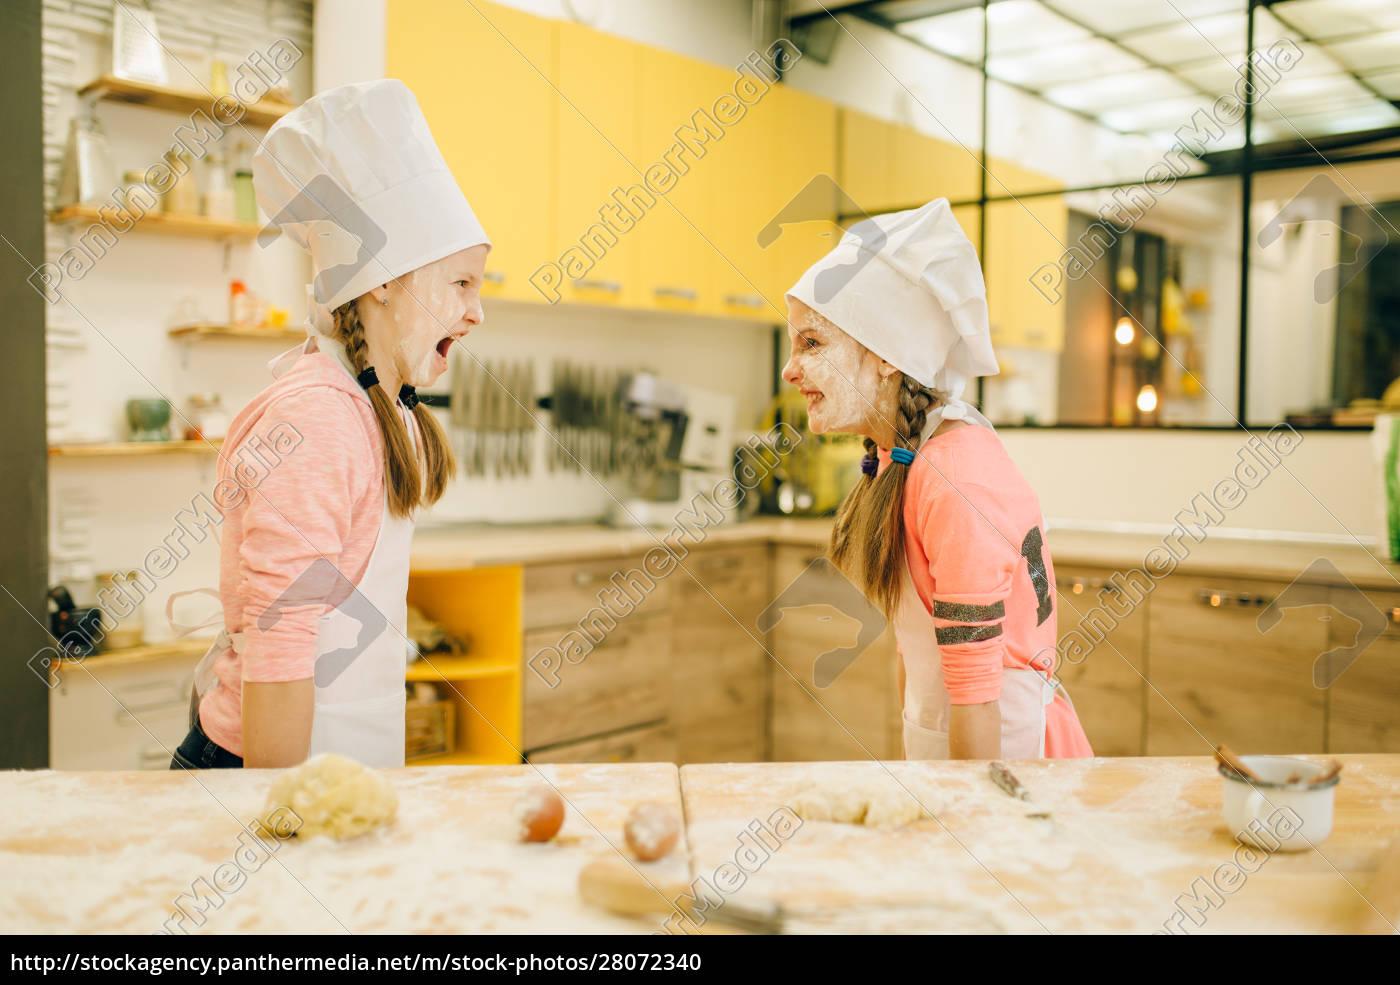 to, små, piger, kokke, er, spiller - 28072340